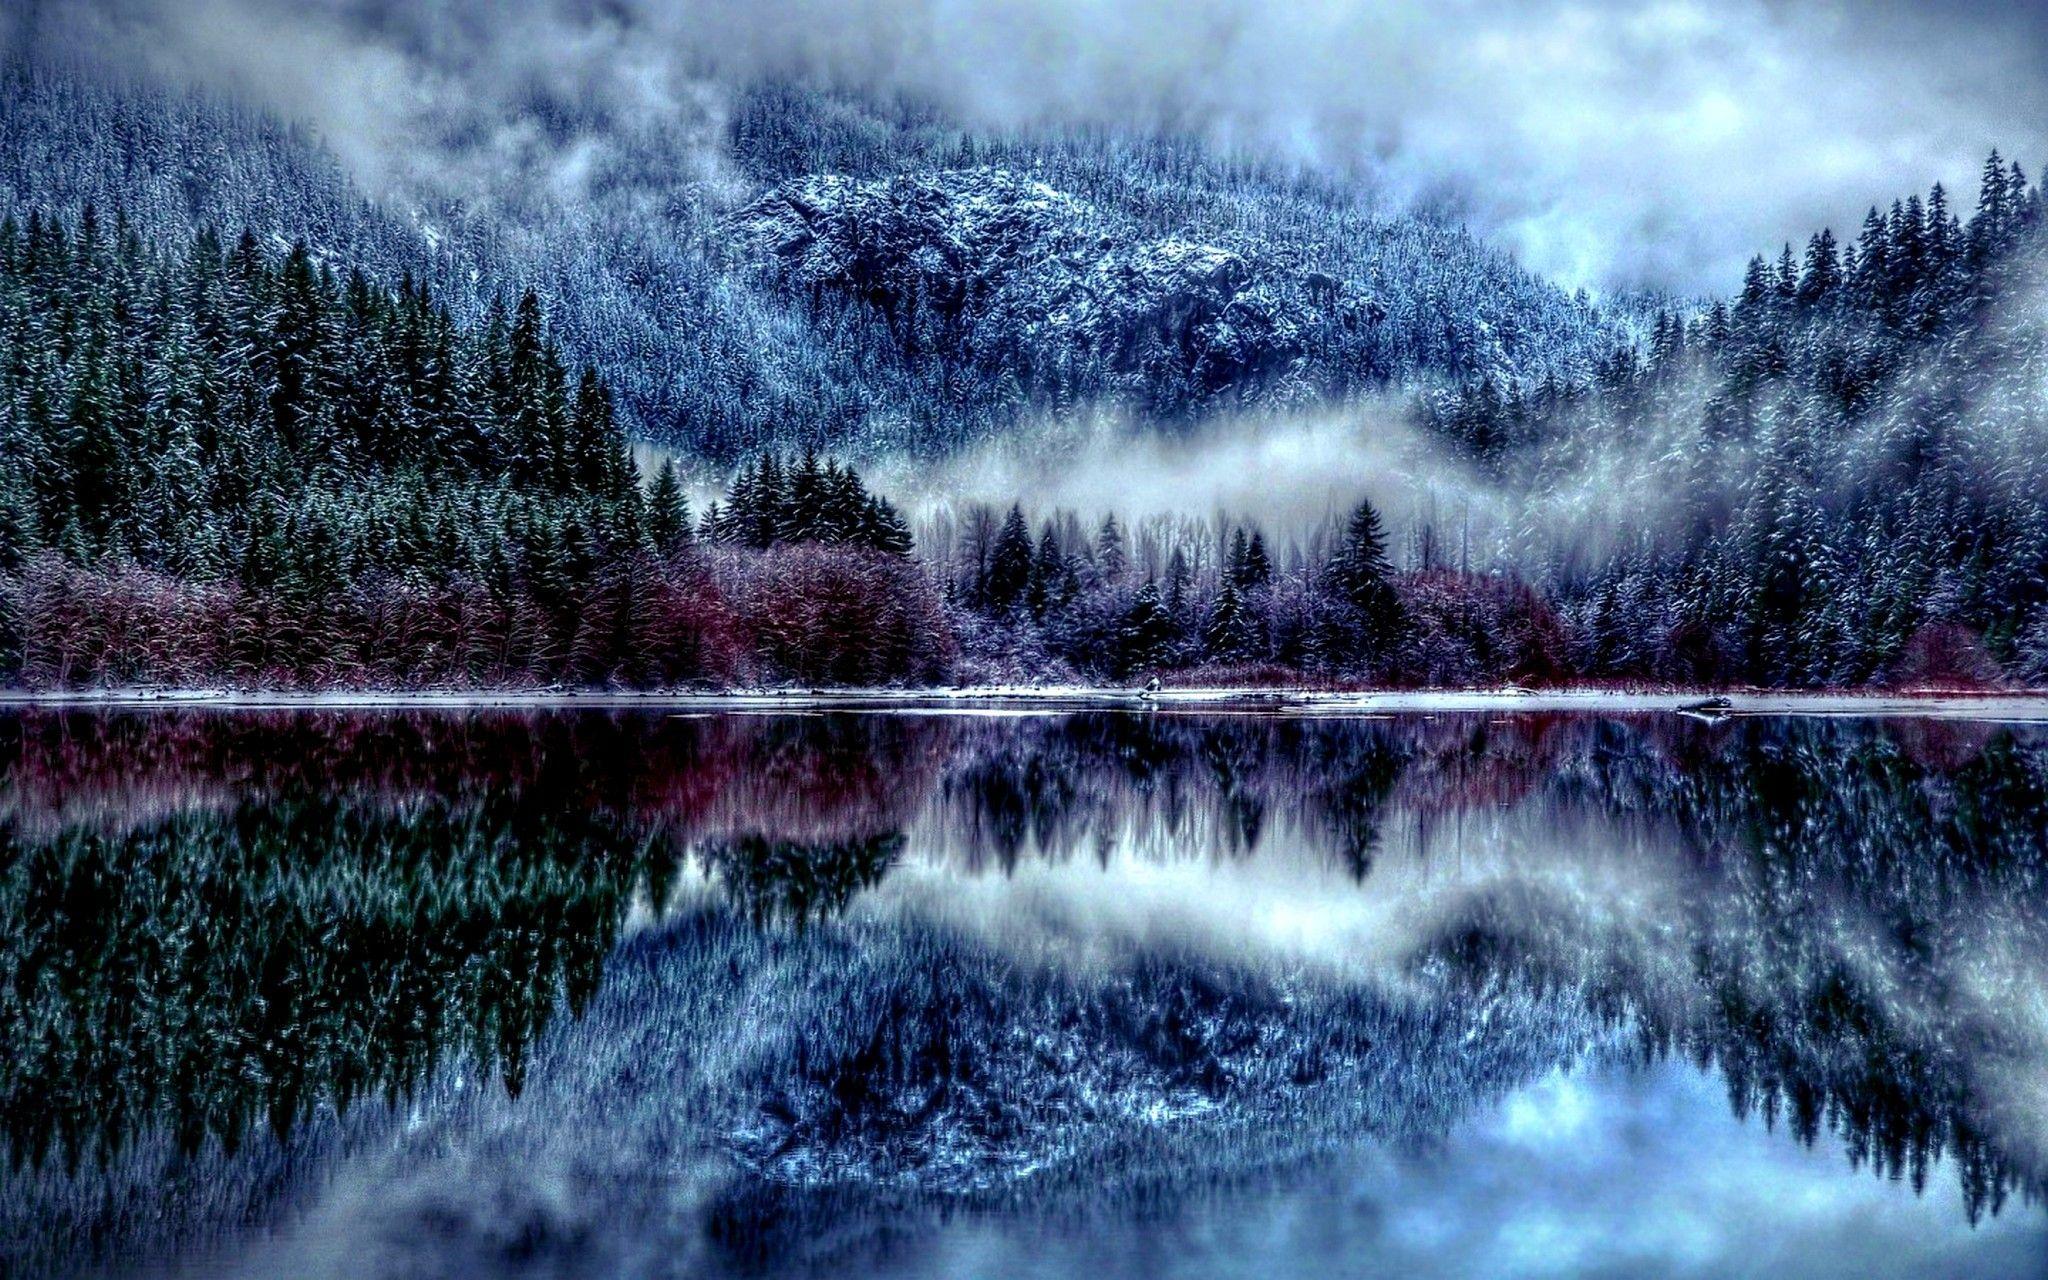 2048x1280 Winter Forest Hd Wallpaper Winter Season Desktop Hd Wallpapers Winter Lake Winter Forest Winter Wallpaper